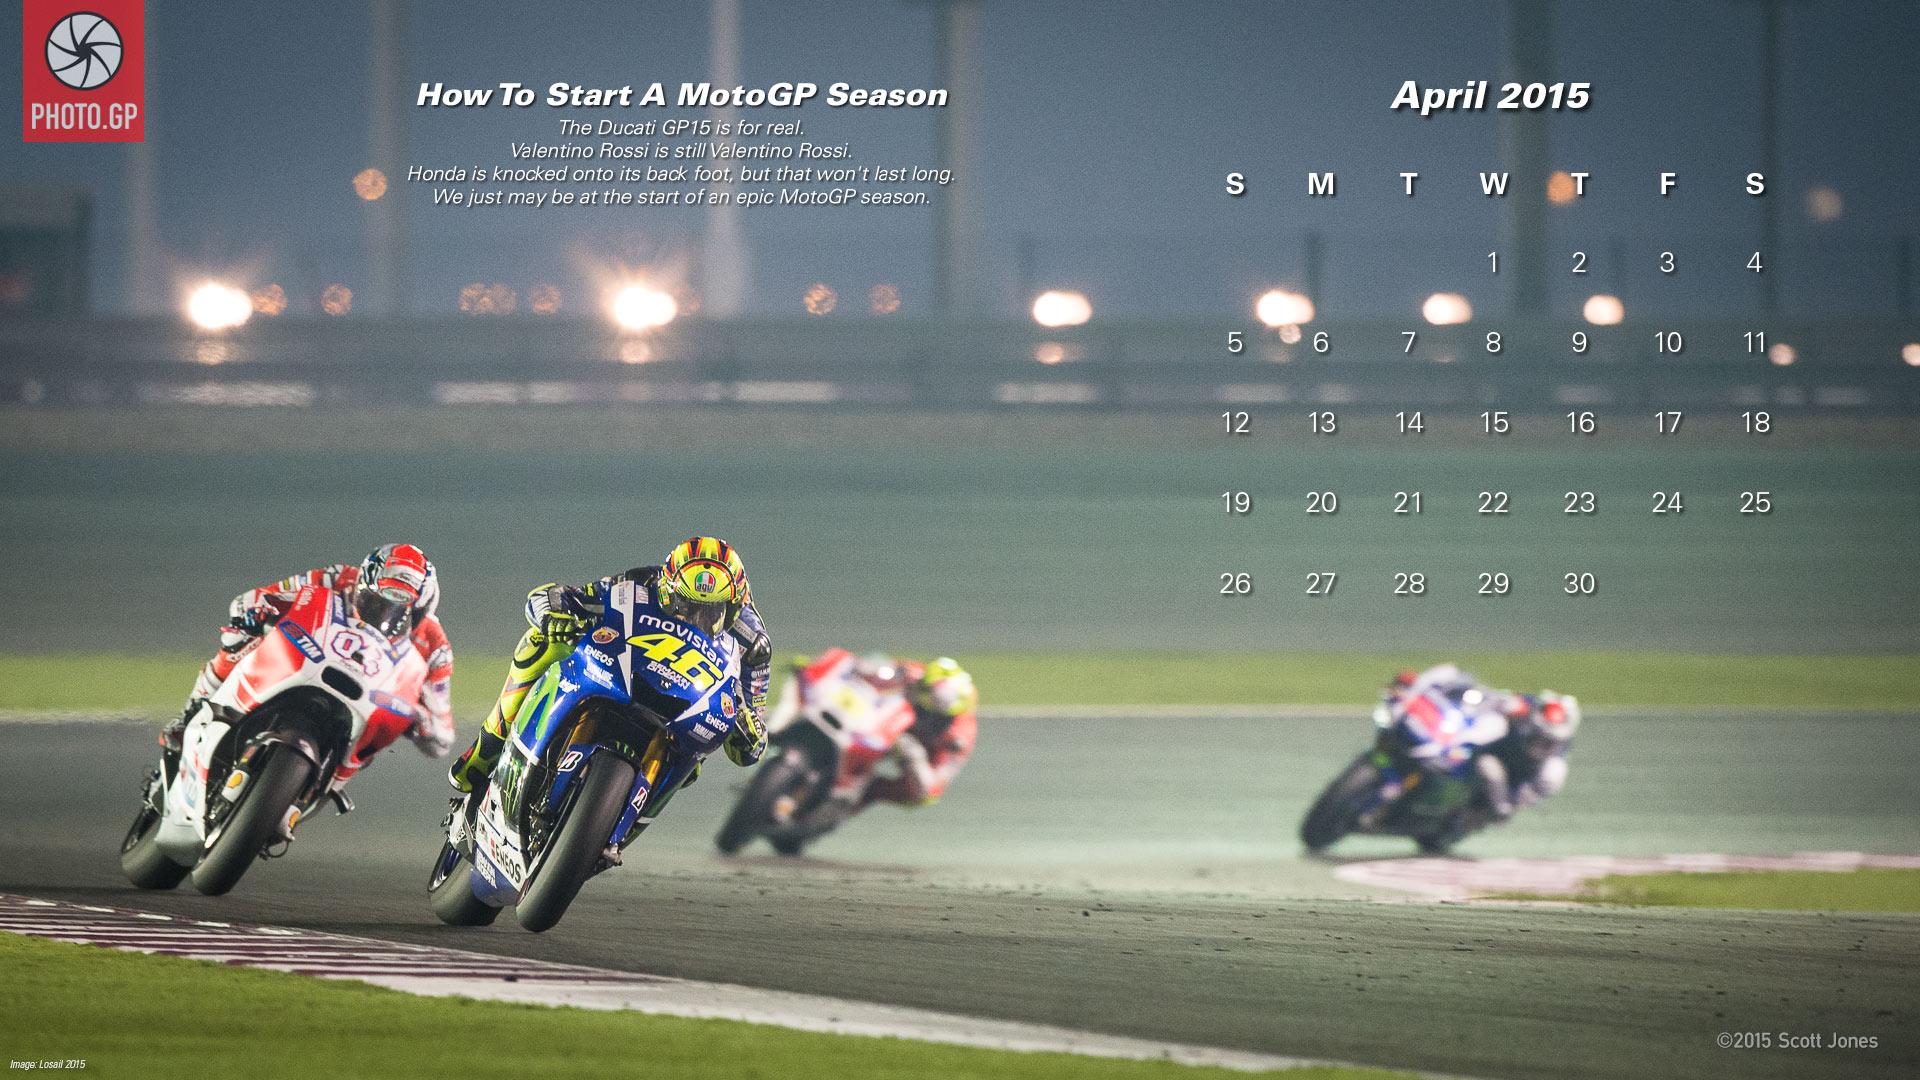 Календарь в стиле MotoGP на Апрель 2015 года от Скотта Джонса